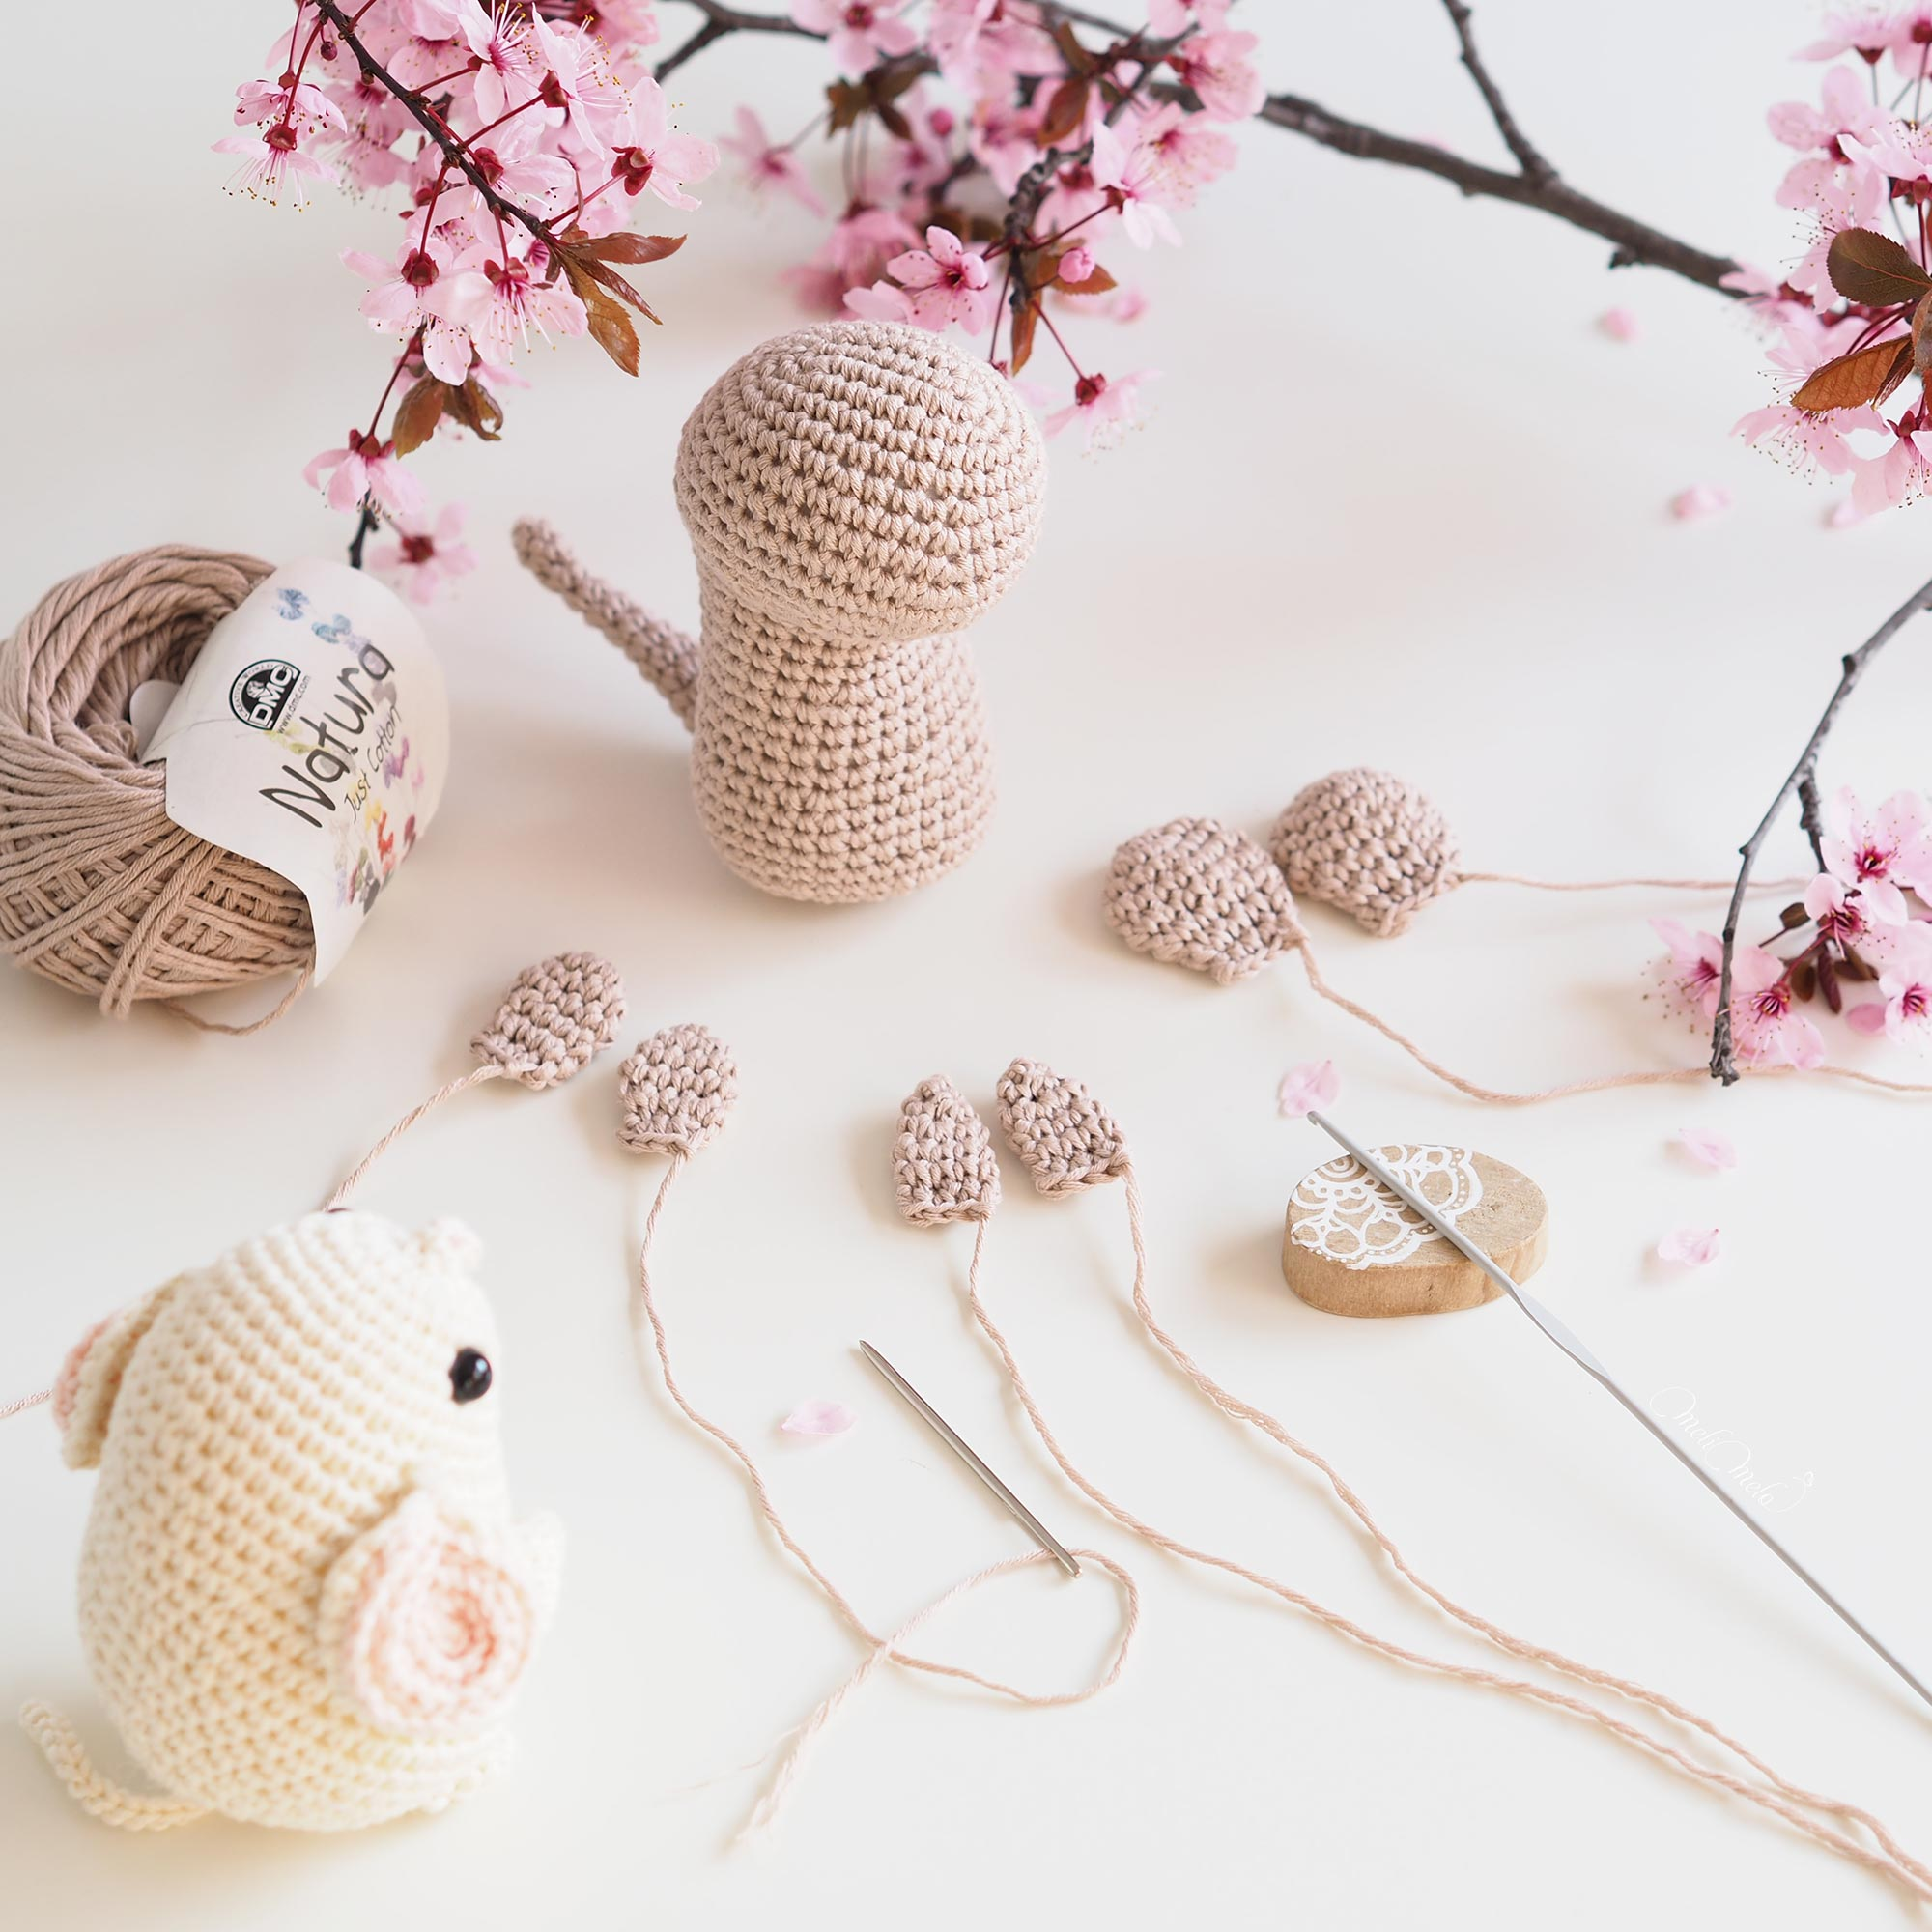 crochet rat mouse encours tuto pasapasdechat Boutique MeliMelo